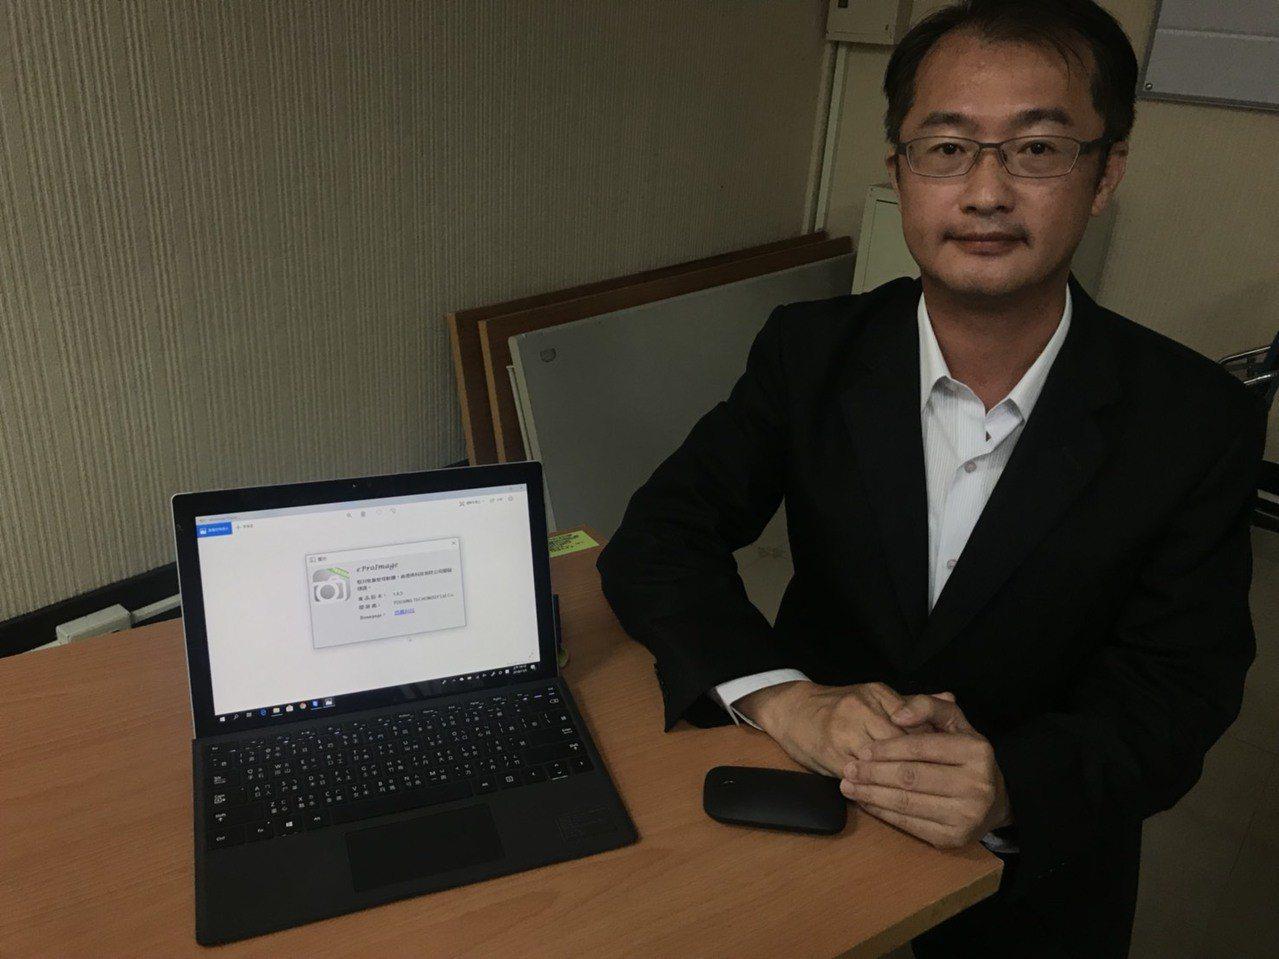 煜興科技公司總經理陳武林受訪。